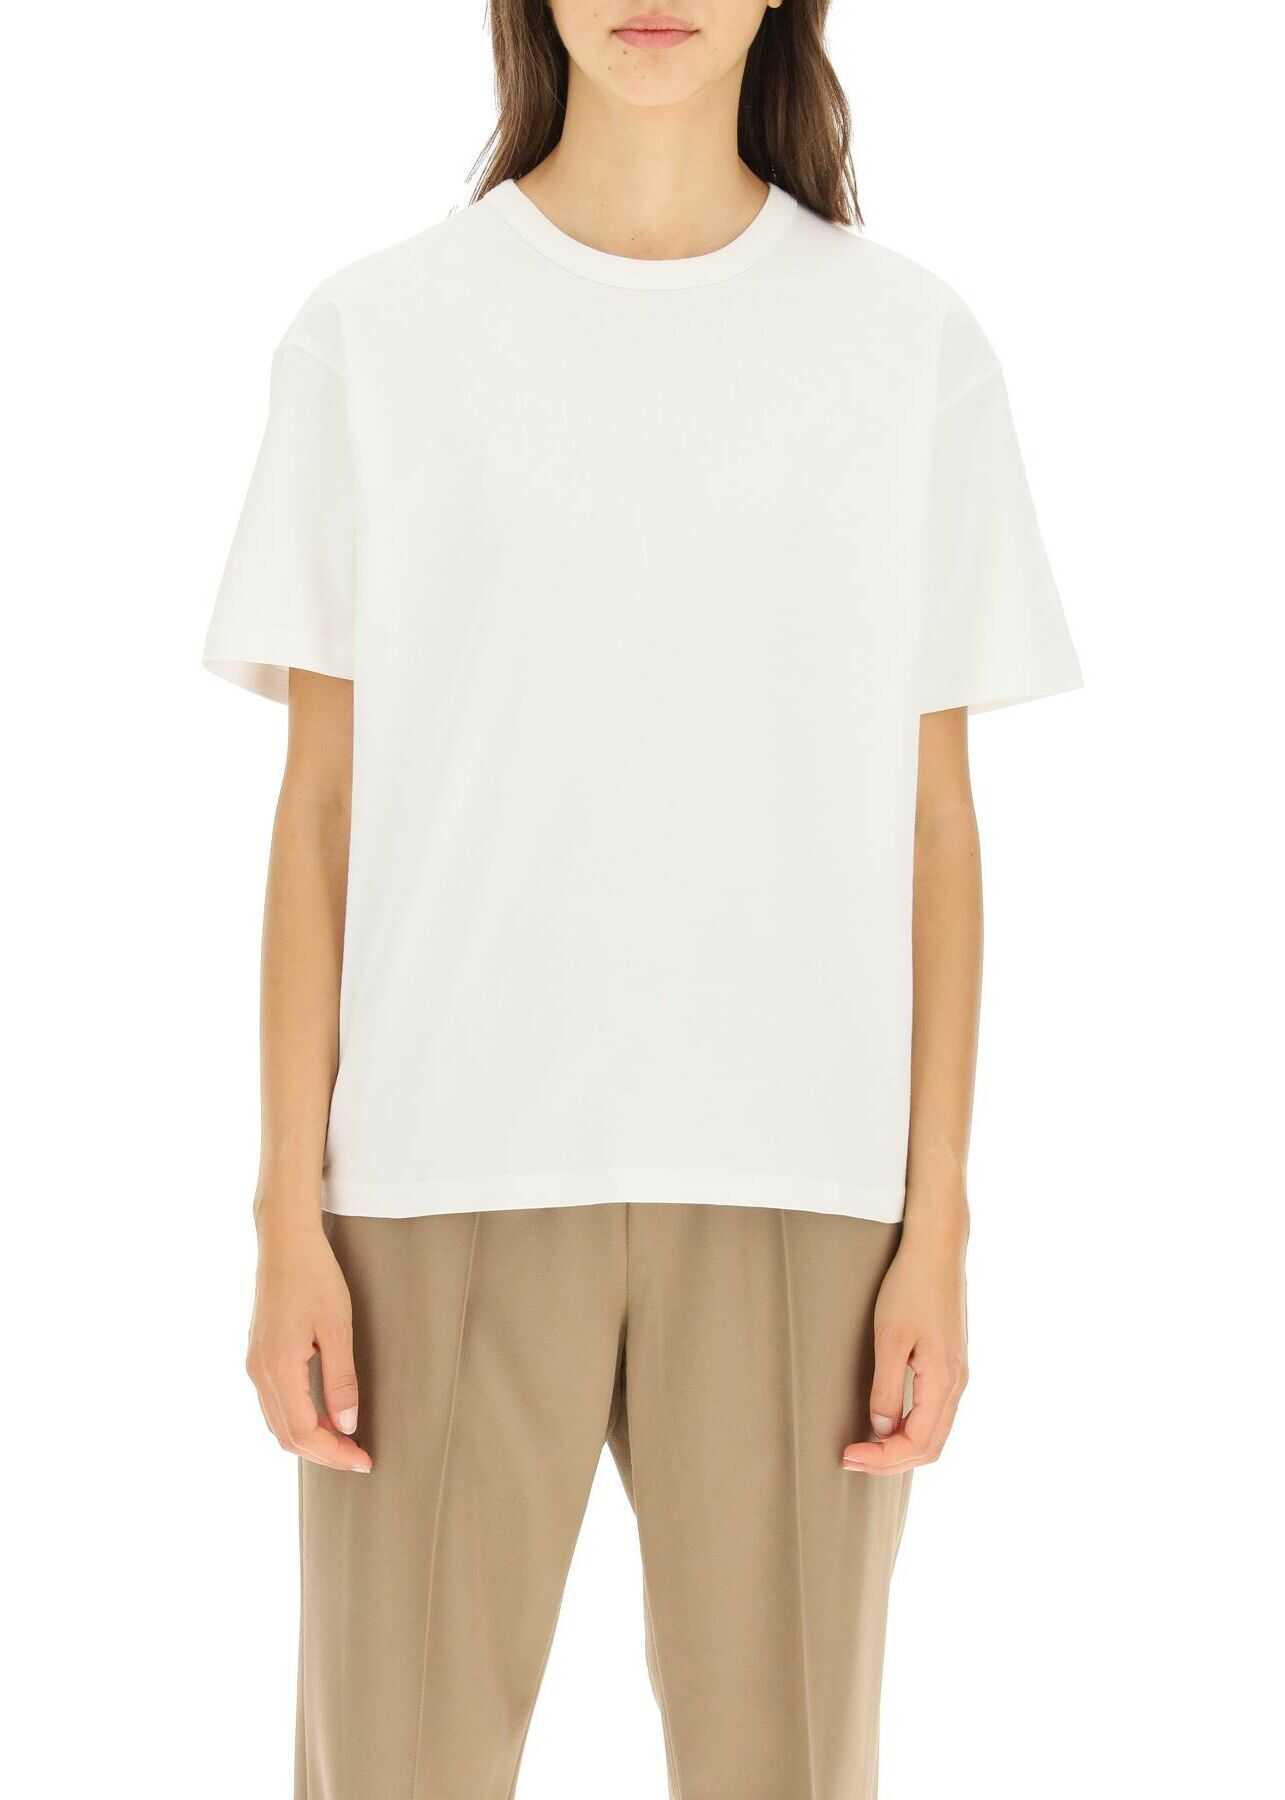 A.P.C. A.p.c. Alma T-Shirt COESE F26042 WHITE image0